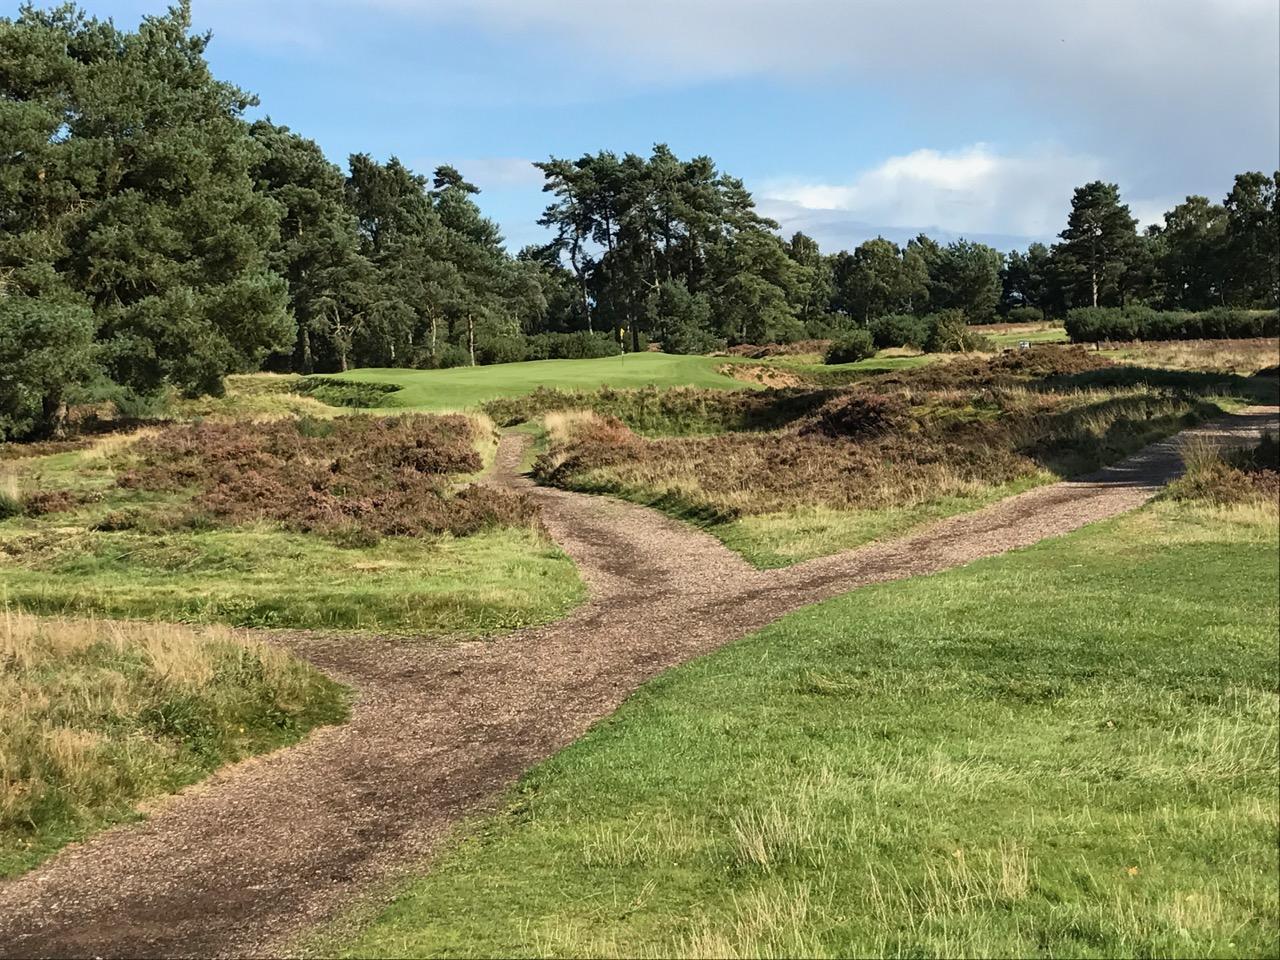 Woodhall Spa Hotchkin Course, Hole 12